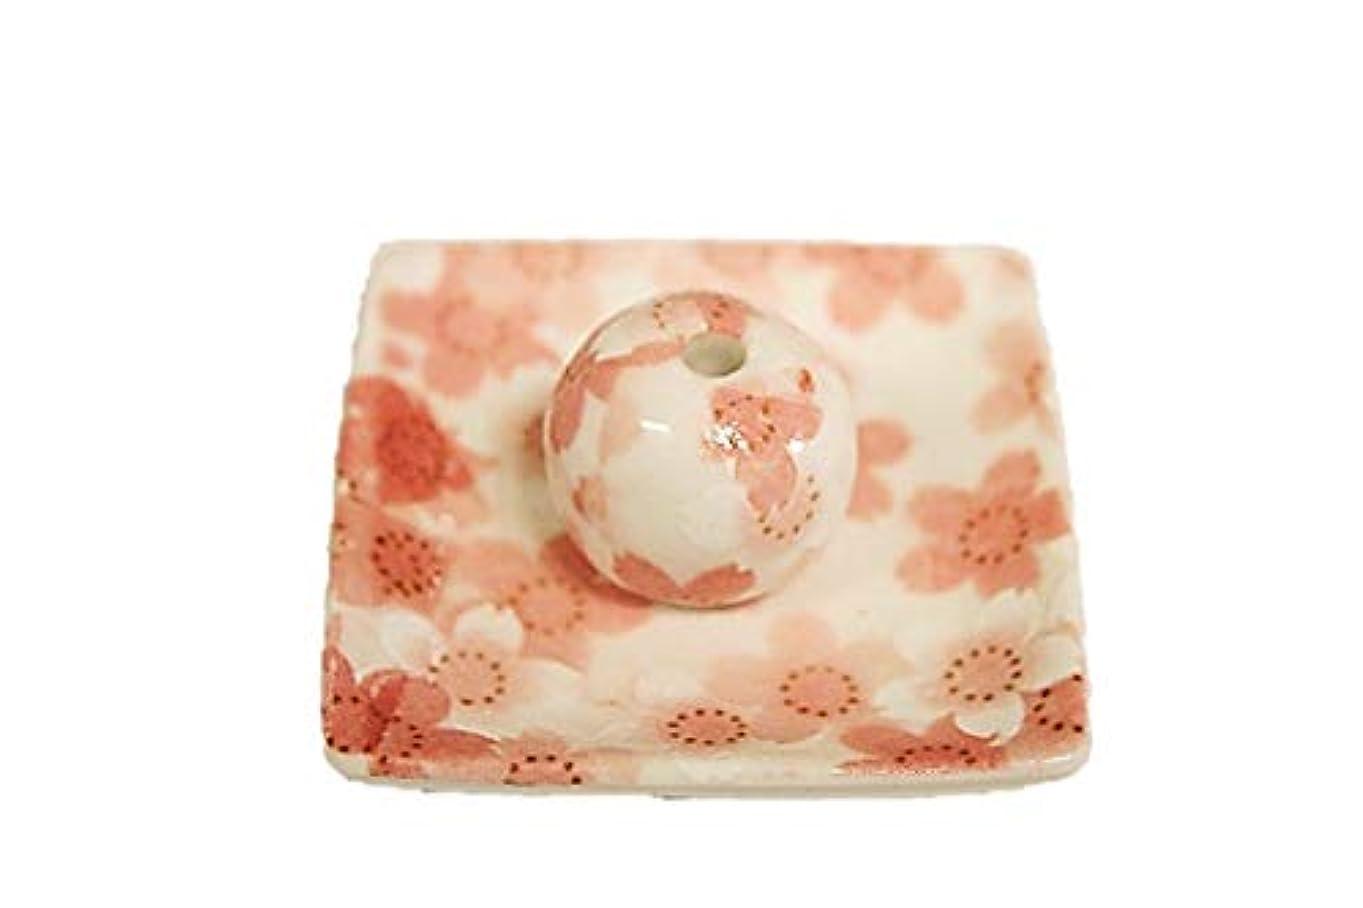 提案する害虫団結する満開桜 小角皿 お香立て 陶器 ACSWEBSHOPオリジナル